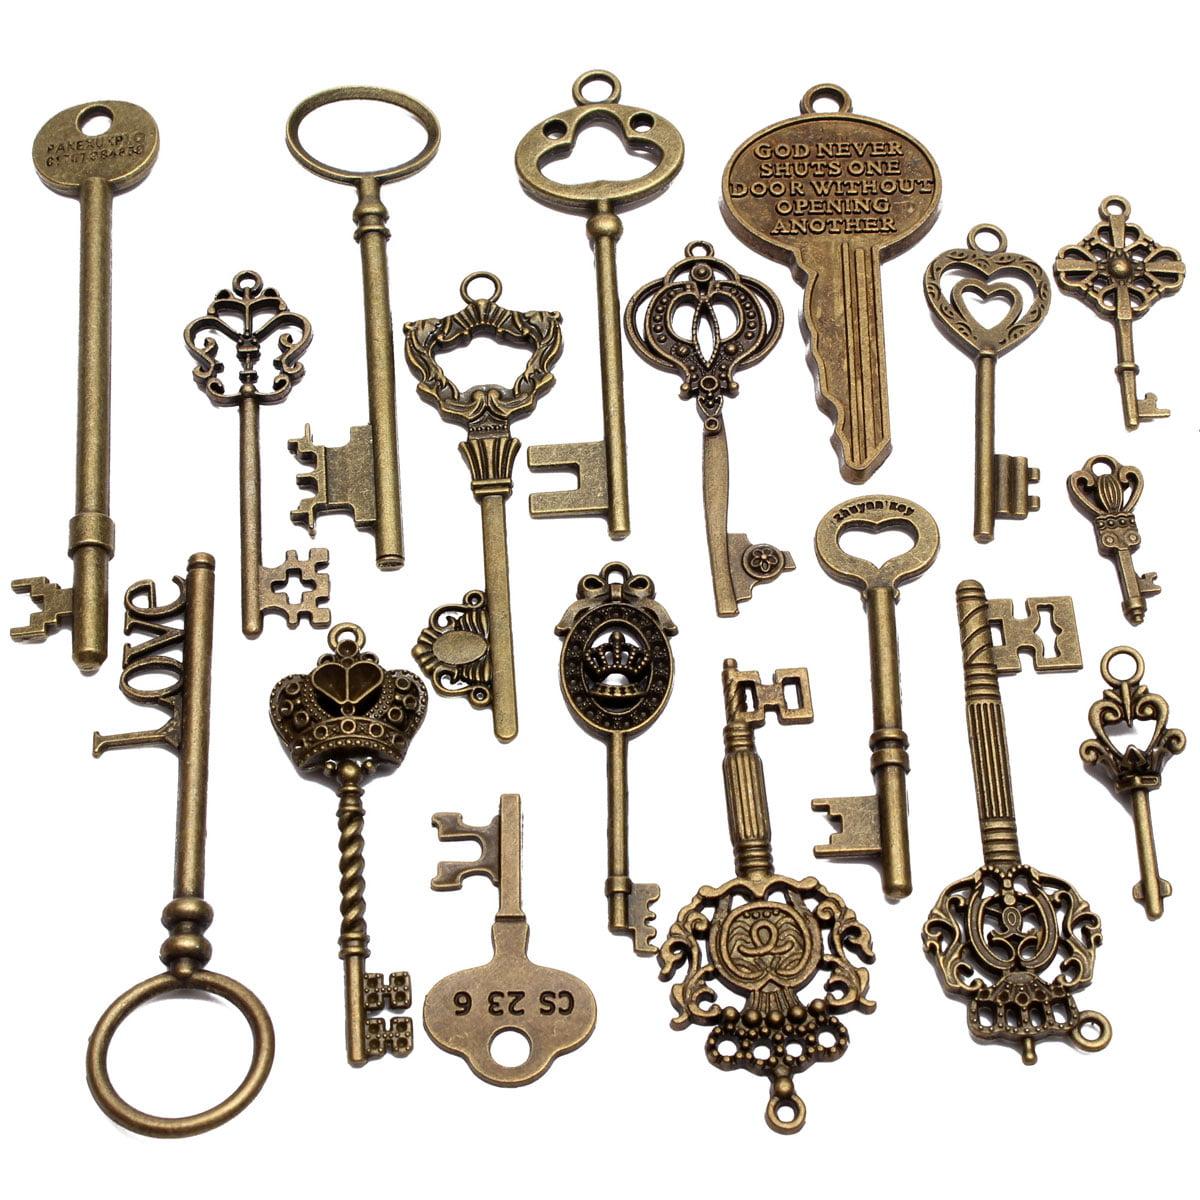 Assorted Antique Vintage VTG Old Look Skeleton Keys Bronze Steampunk Pendant DIY